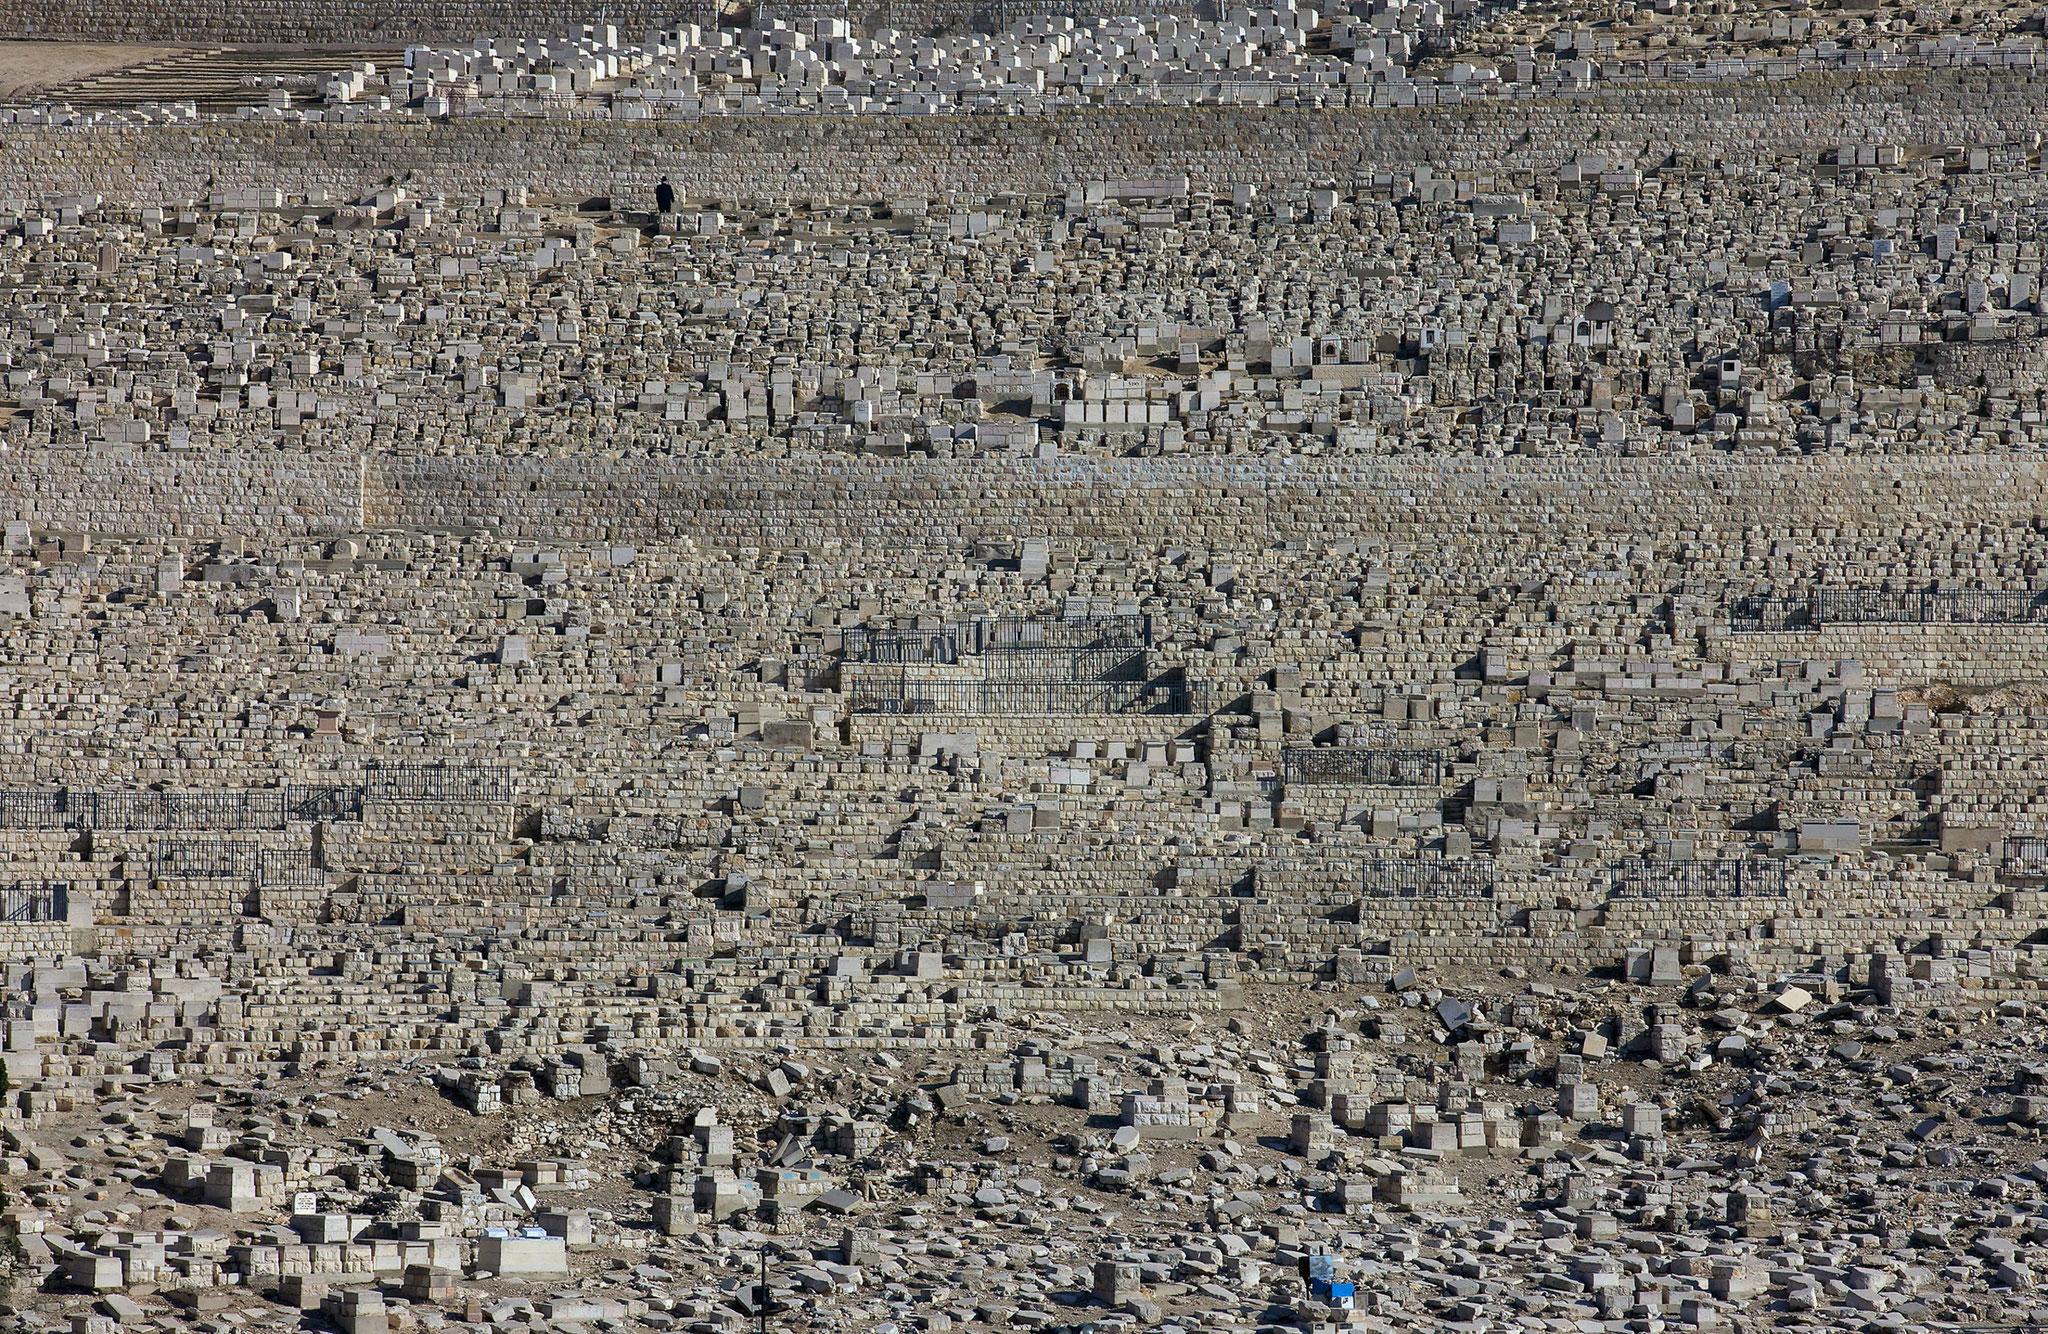 Ein Lebender und viele Seligen beim Warten auf den Messias, Ölberg, Jerusalem